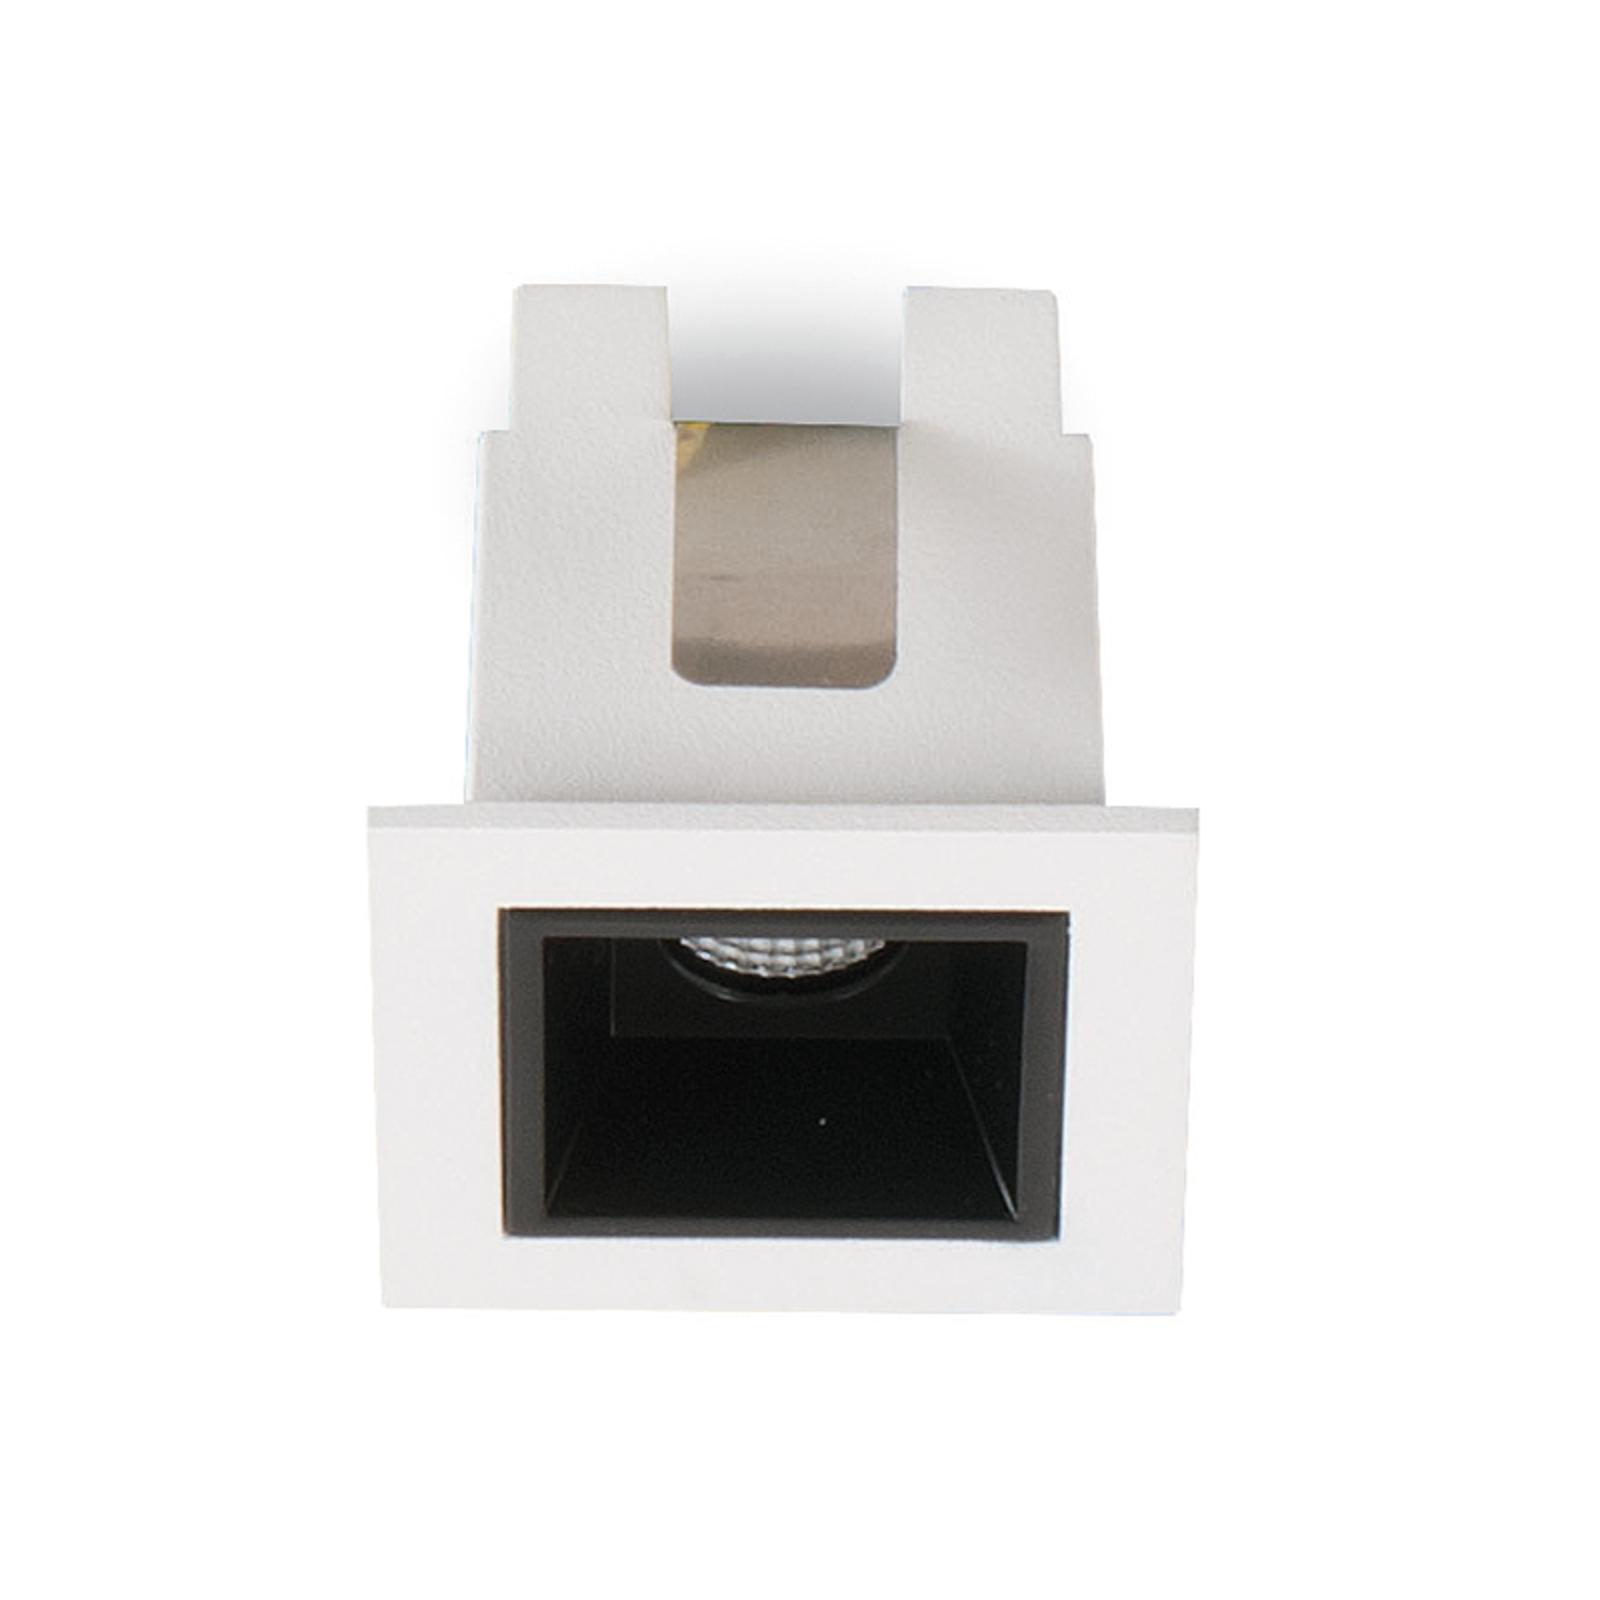 Faretto LED incasso Sound 1 30° con telaio bianco